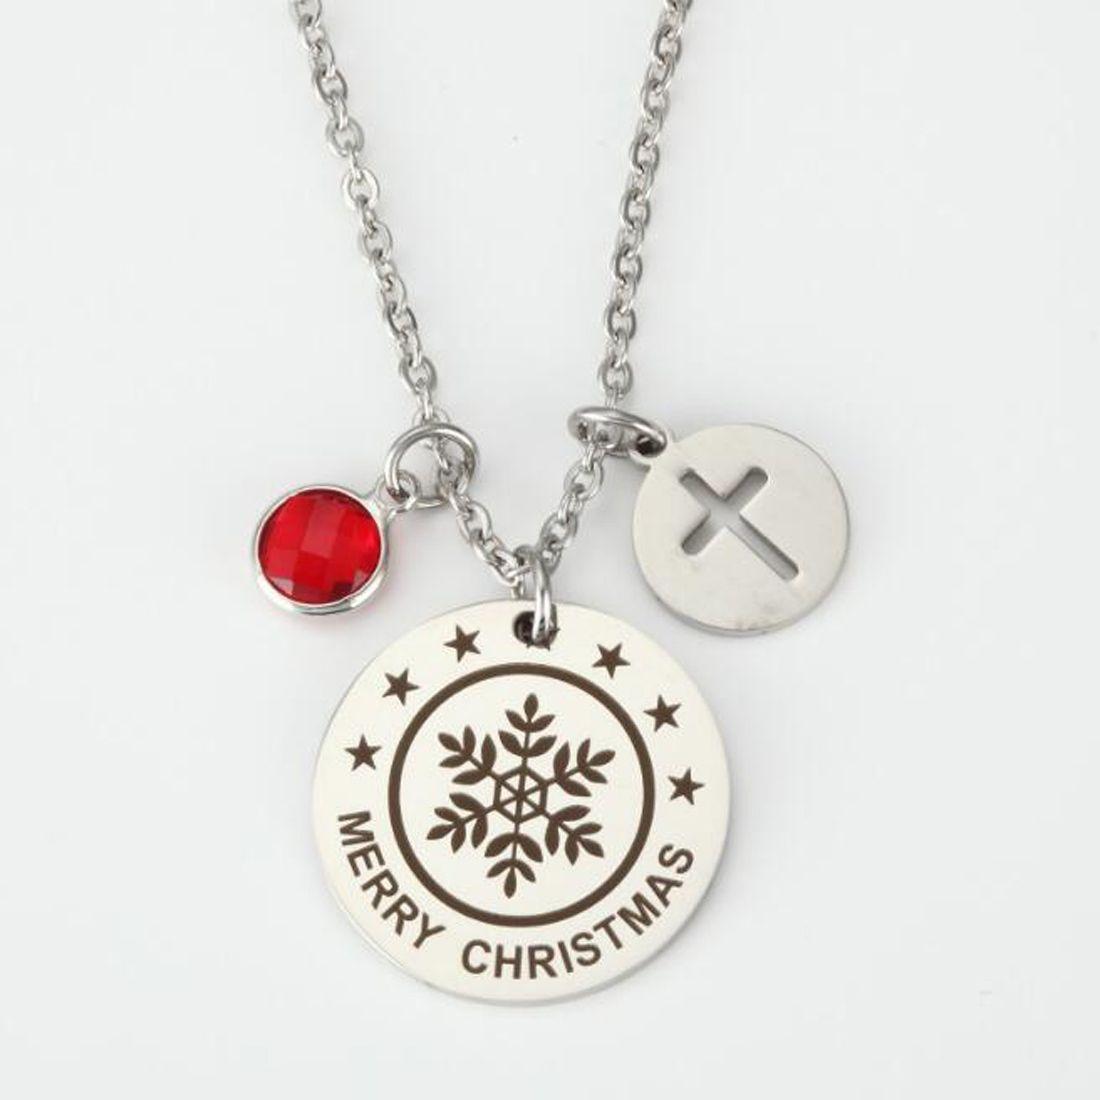 Pequeño y simple Disco de cristal delicado Colgante de plata Collar con cruz de fe Primera comunión de regalo para niñas y mujeres